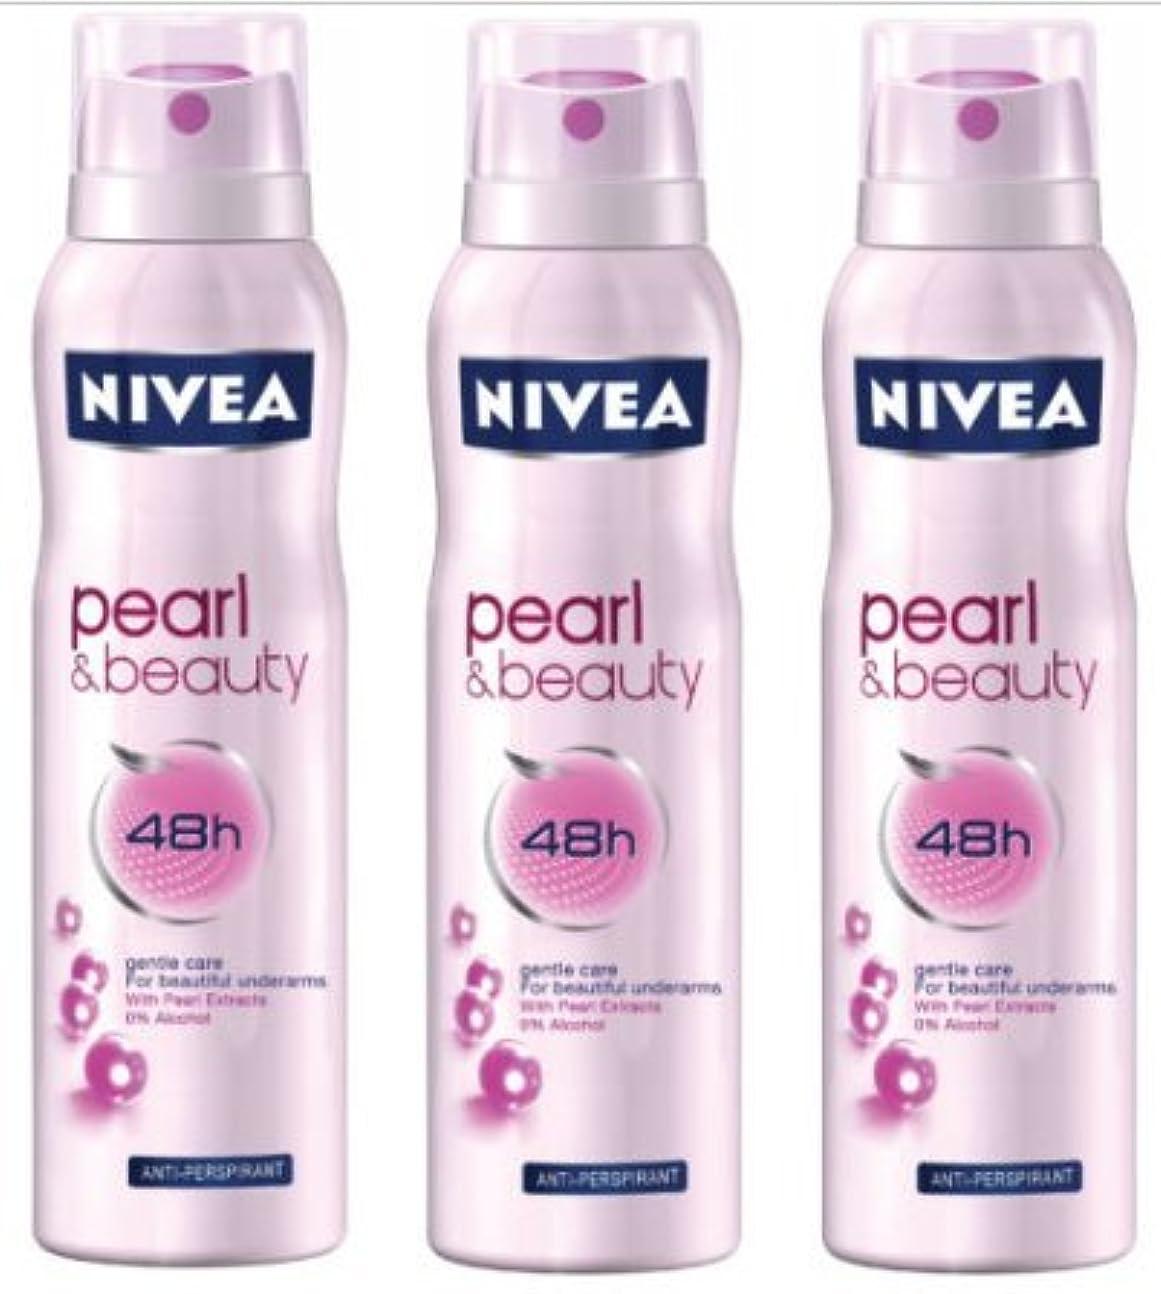 のり符号タクシー3 Nivea Pearl & Beauty Spray Deodorant Anti-perspirant 150ml - India - 並行輸入品 - 3 xニベアパール&ビューティスプレーデオドラントアンチパーマプライ...